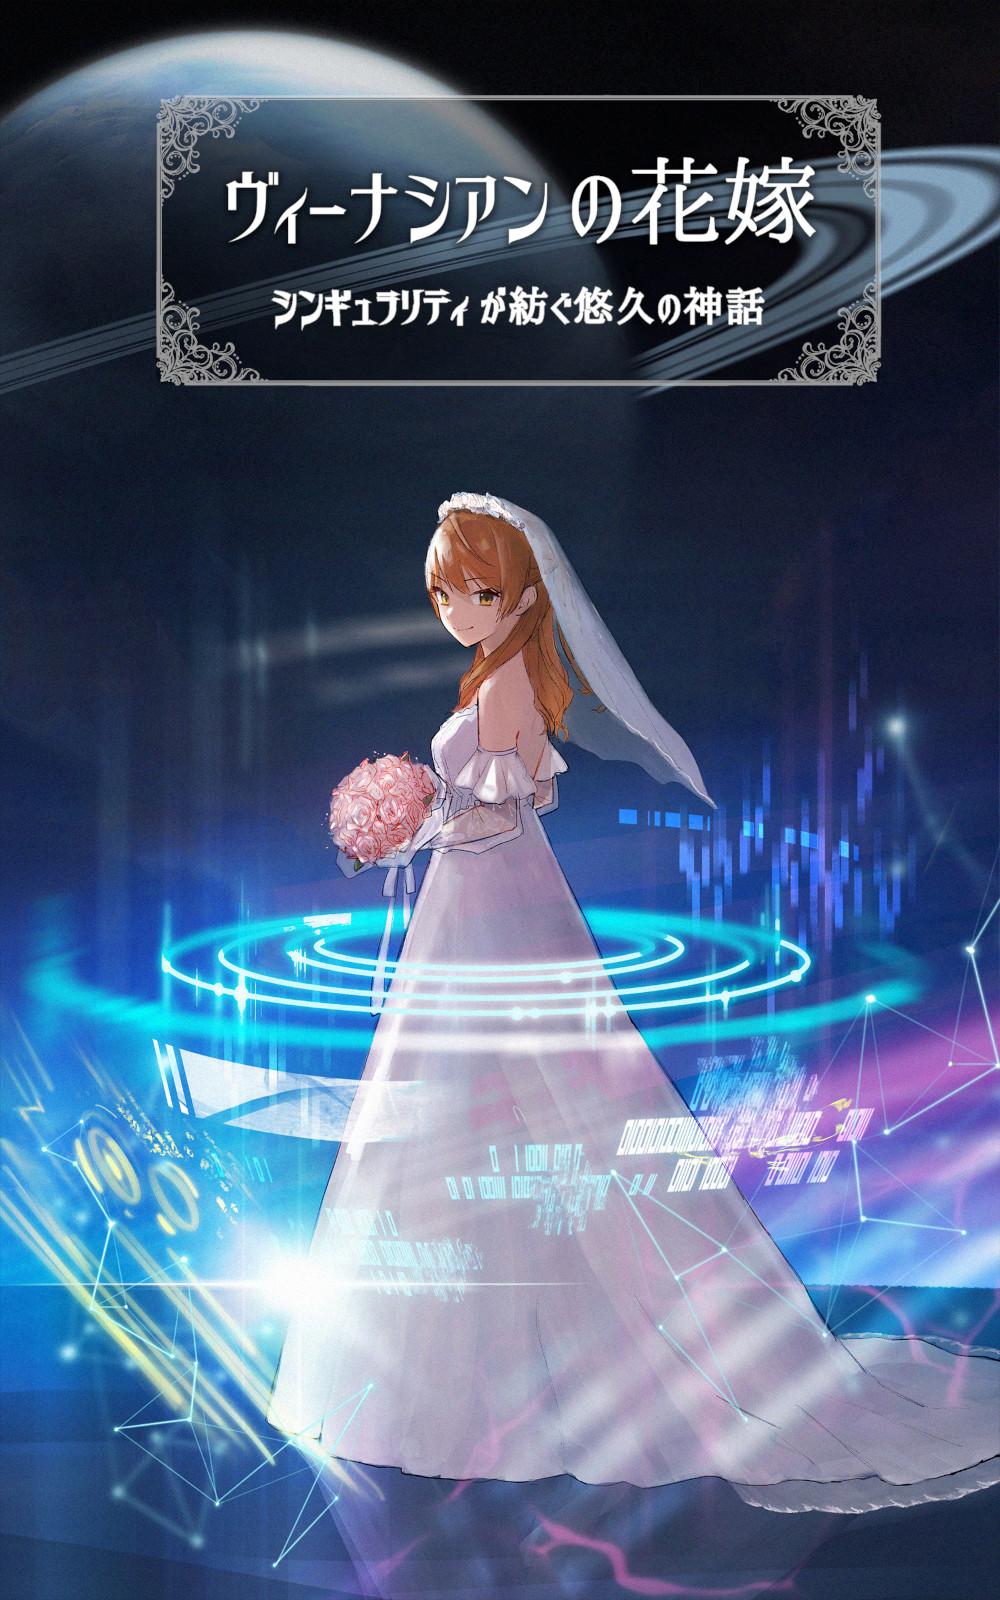 ヴィーナシアンの花嫁 ~シンギュラリティが紡ぐ悠久の神話~の表紙